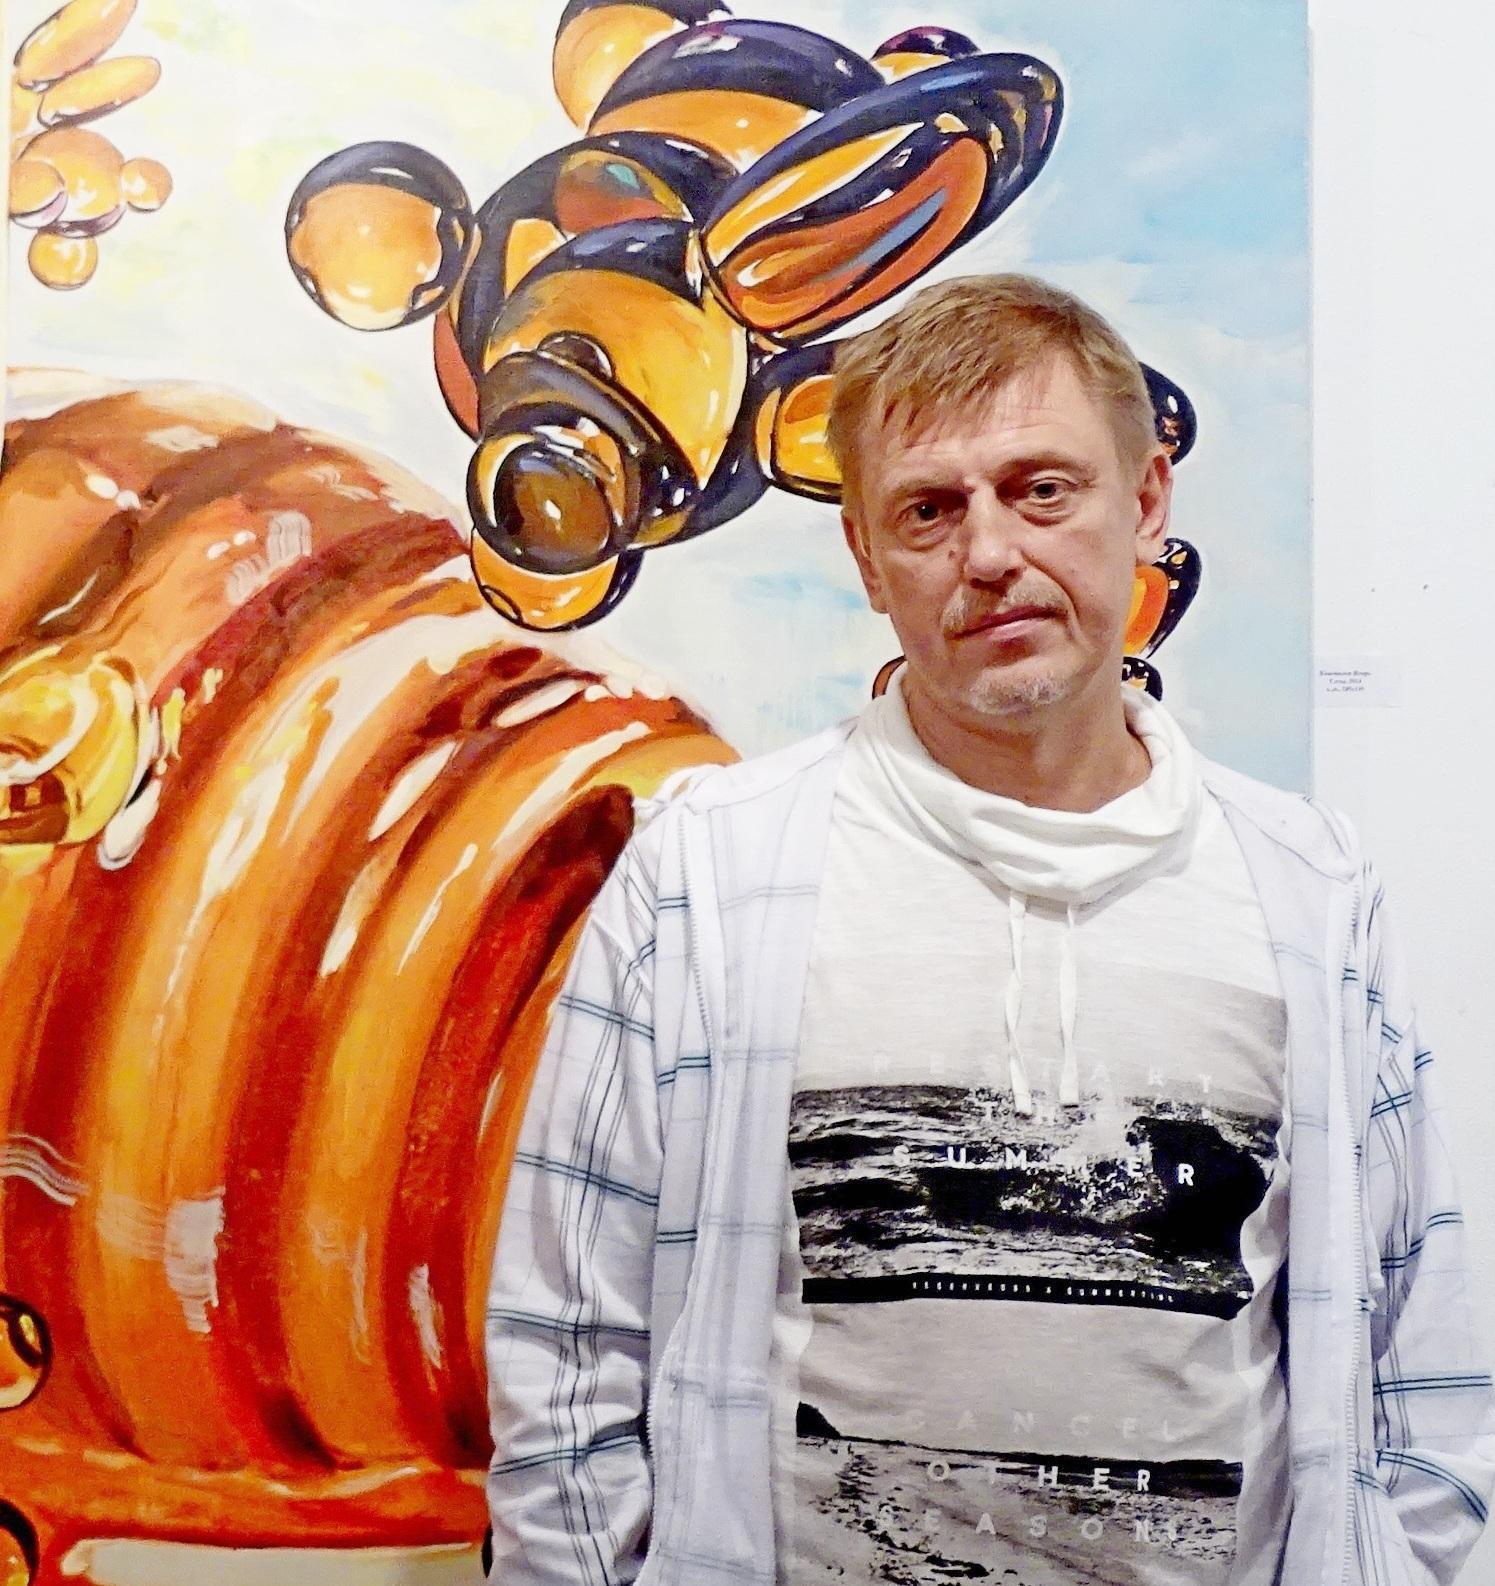 Открывается выставка художника, который с иронией изображает